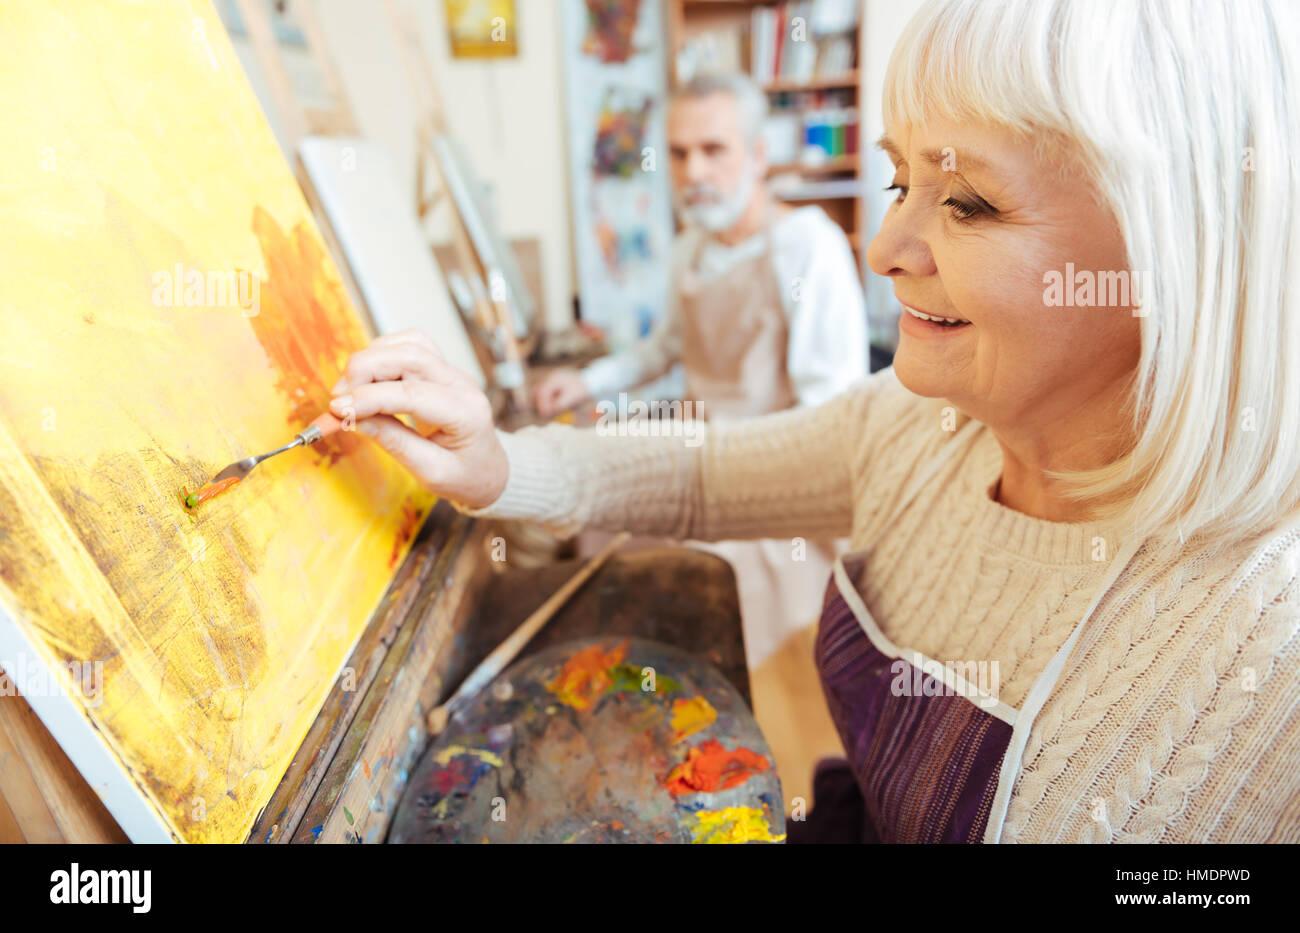 Artiste féminine de son temps en classe de peinture Banque D'Images